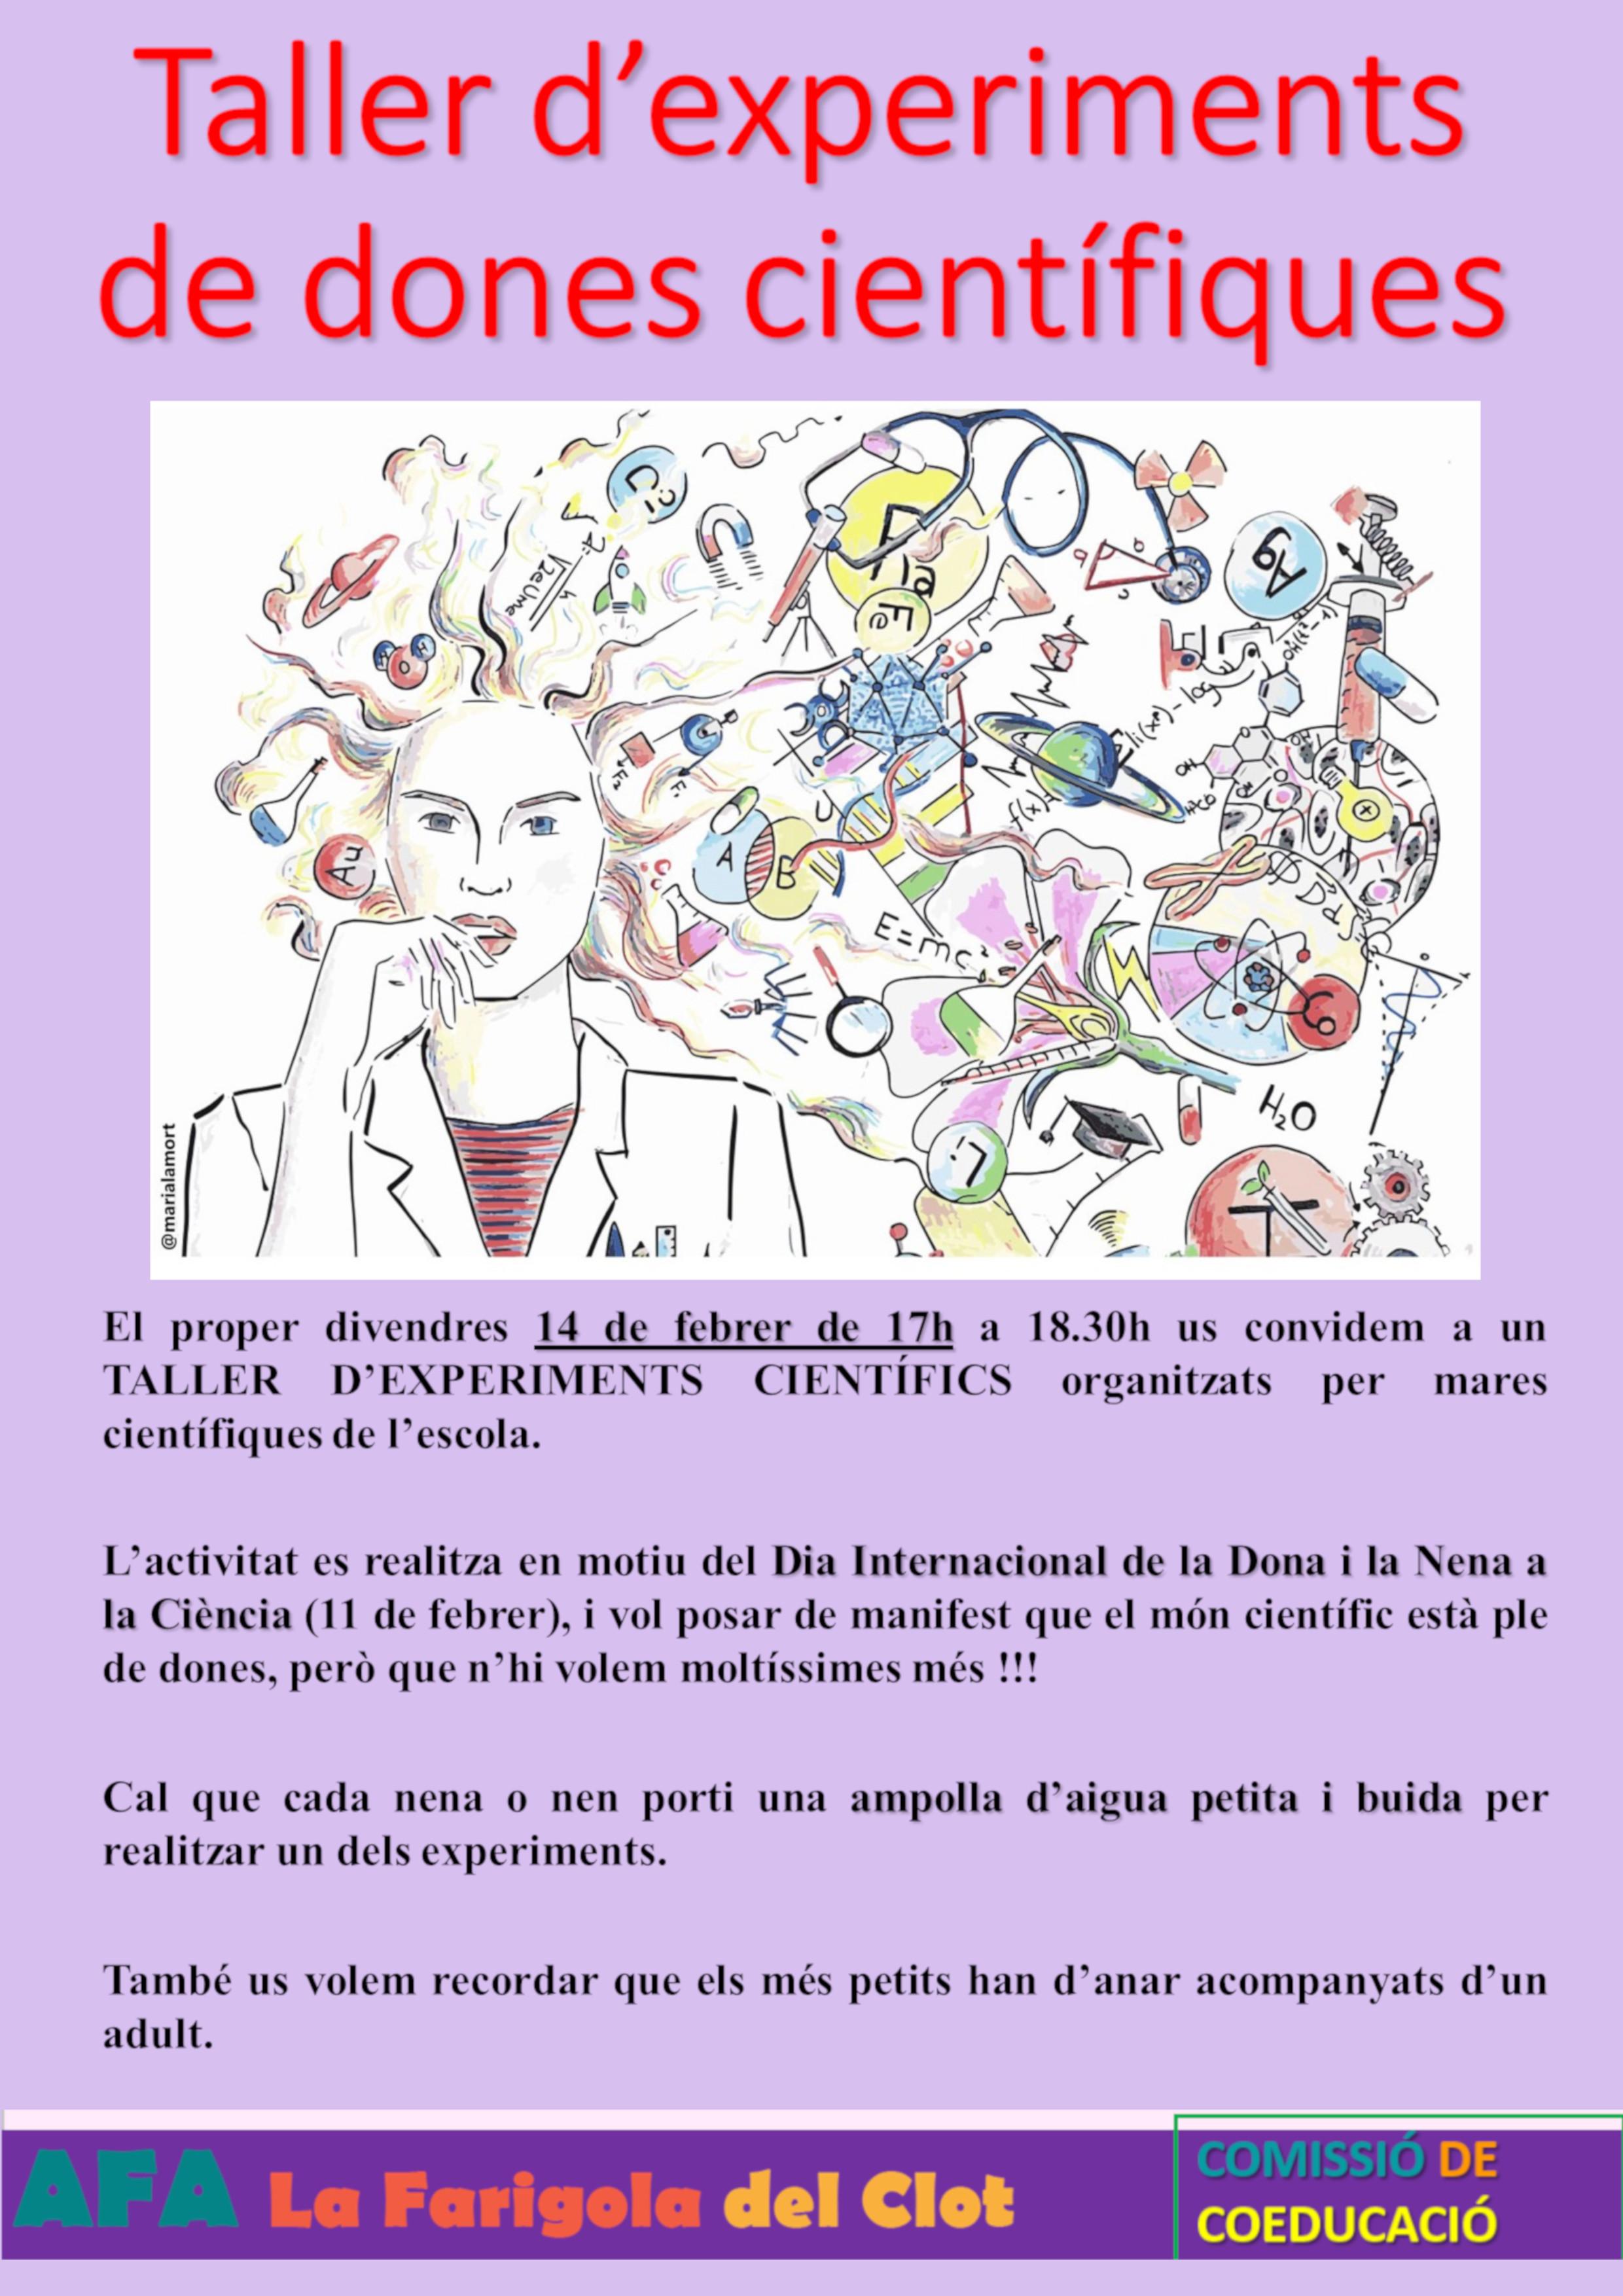 Cartell Taller experiments de dones cientifilques JPG